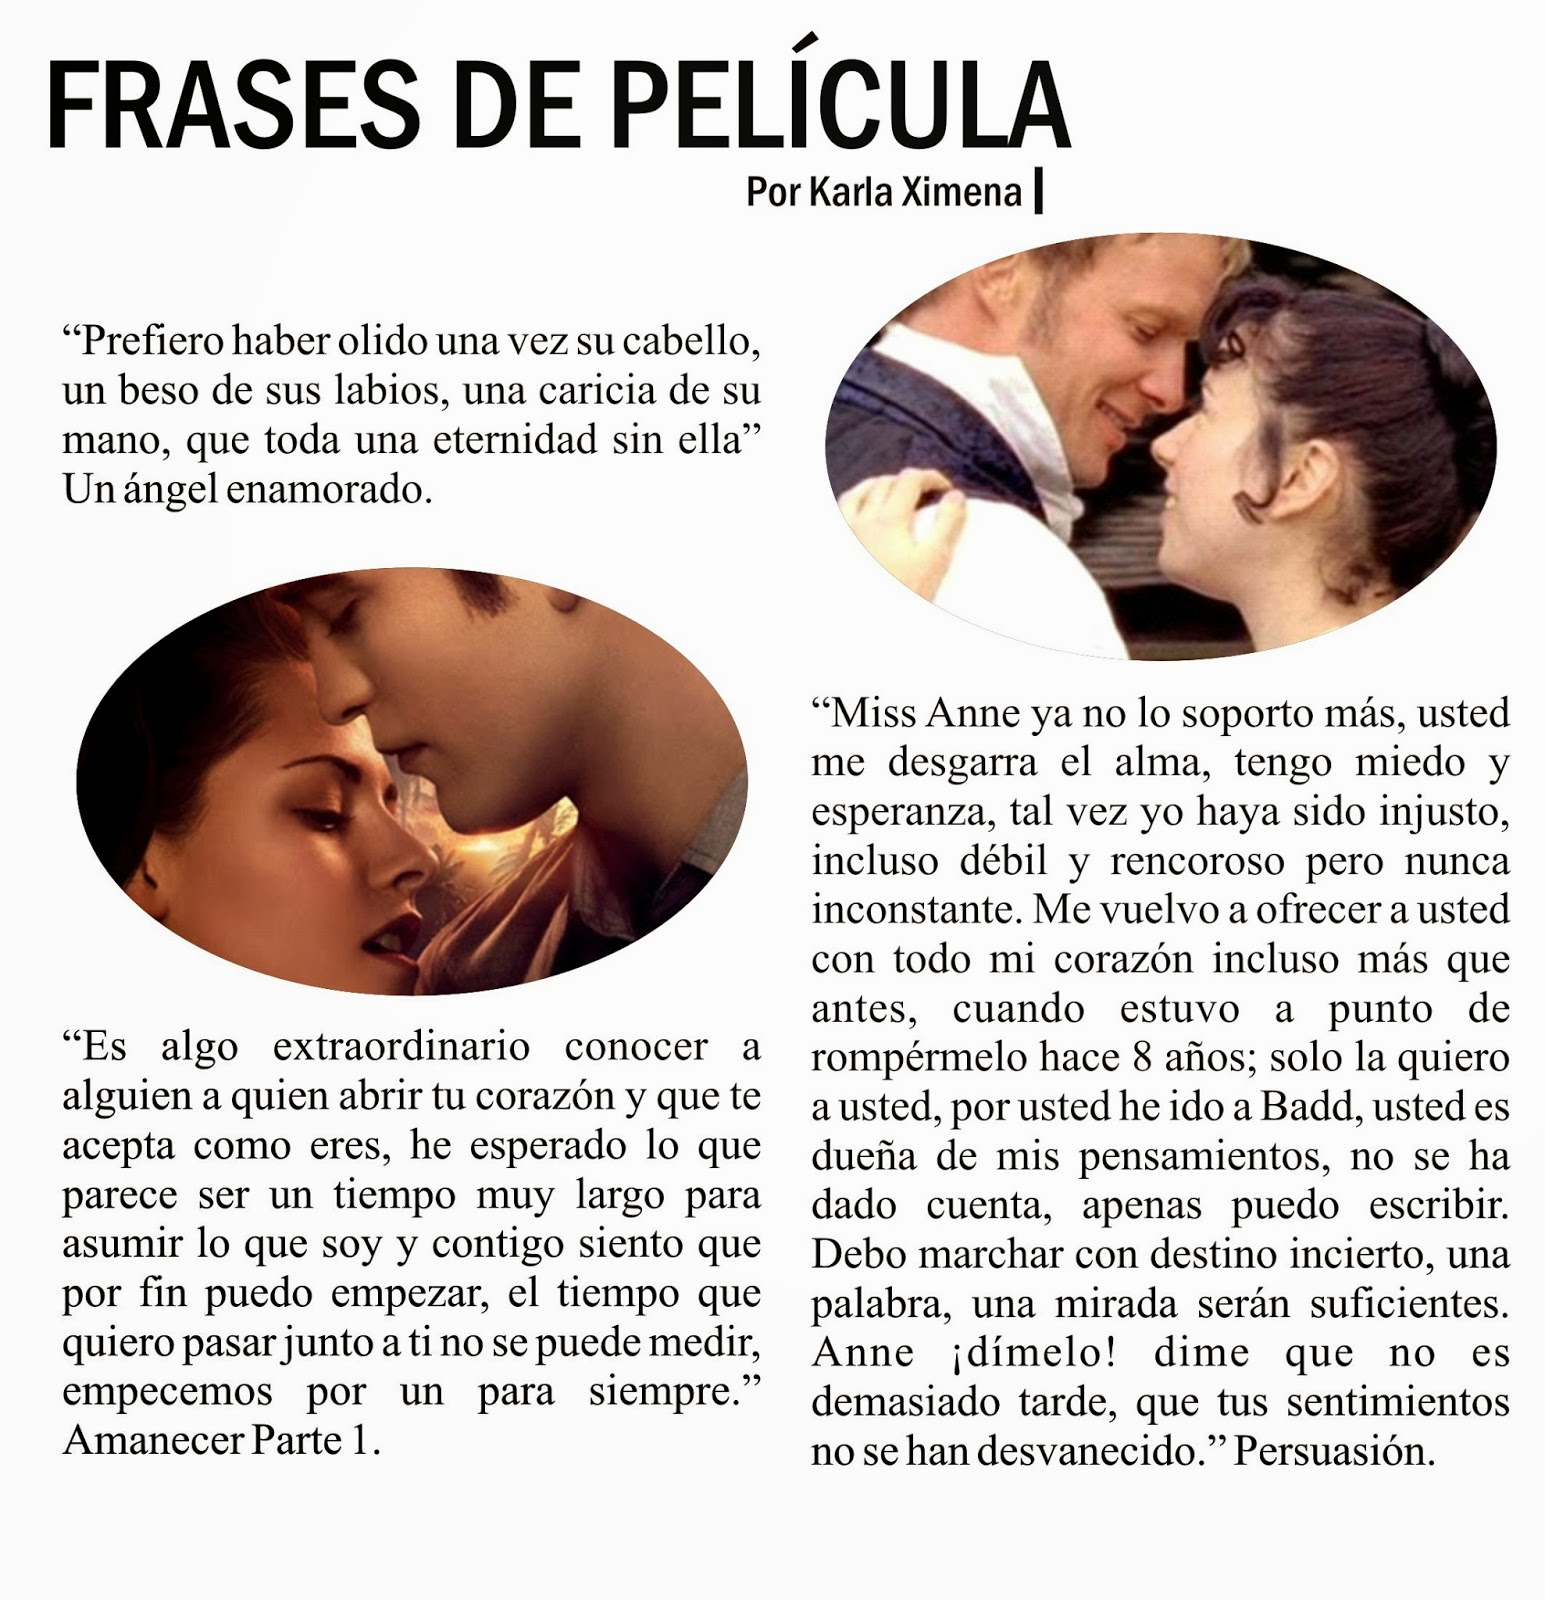 EmBLOGrium revista 2015: Frases románticas de películas - Frases de